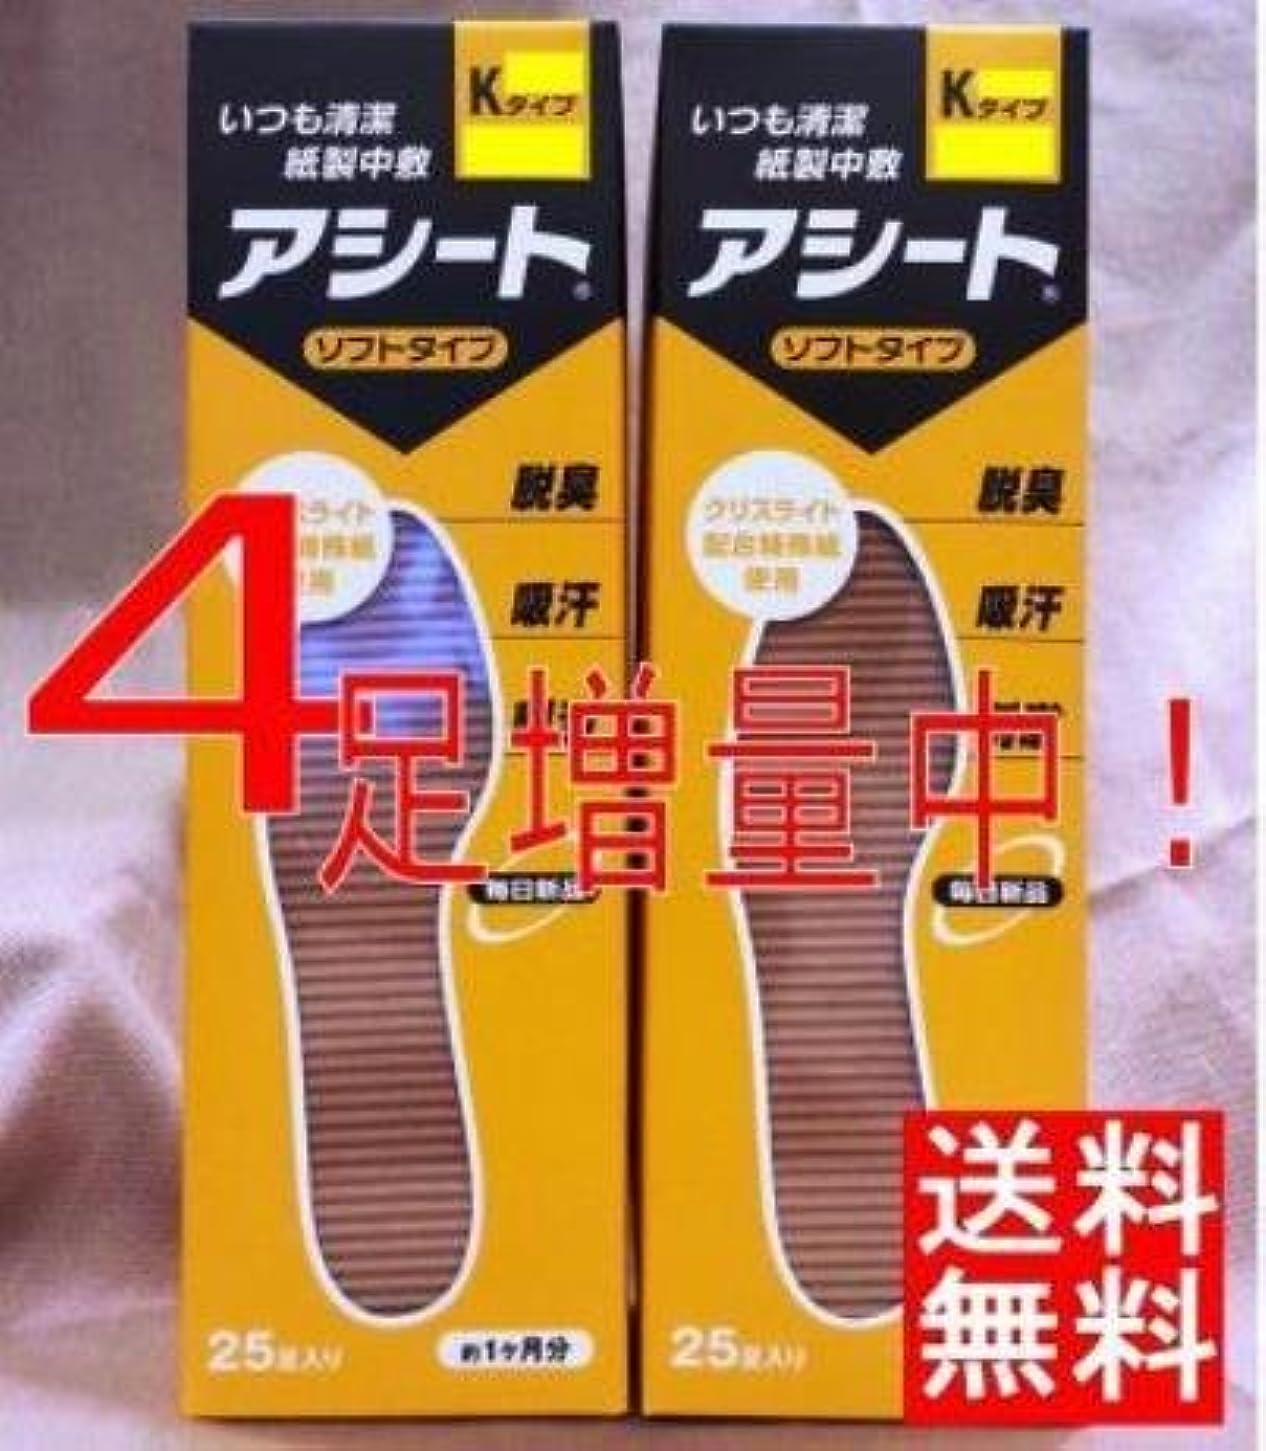 居間最高電気陽性アシートK(サイズ25cm)×2箱セット(4足増量中)